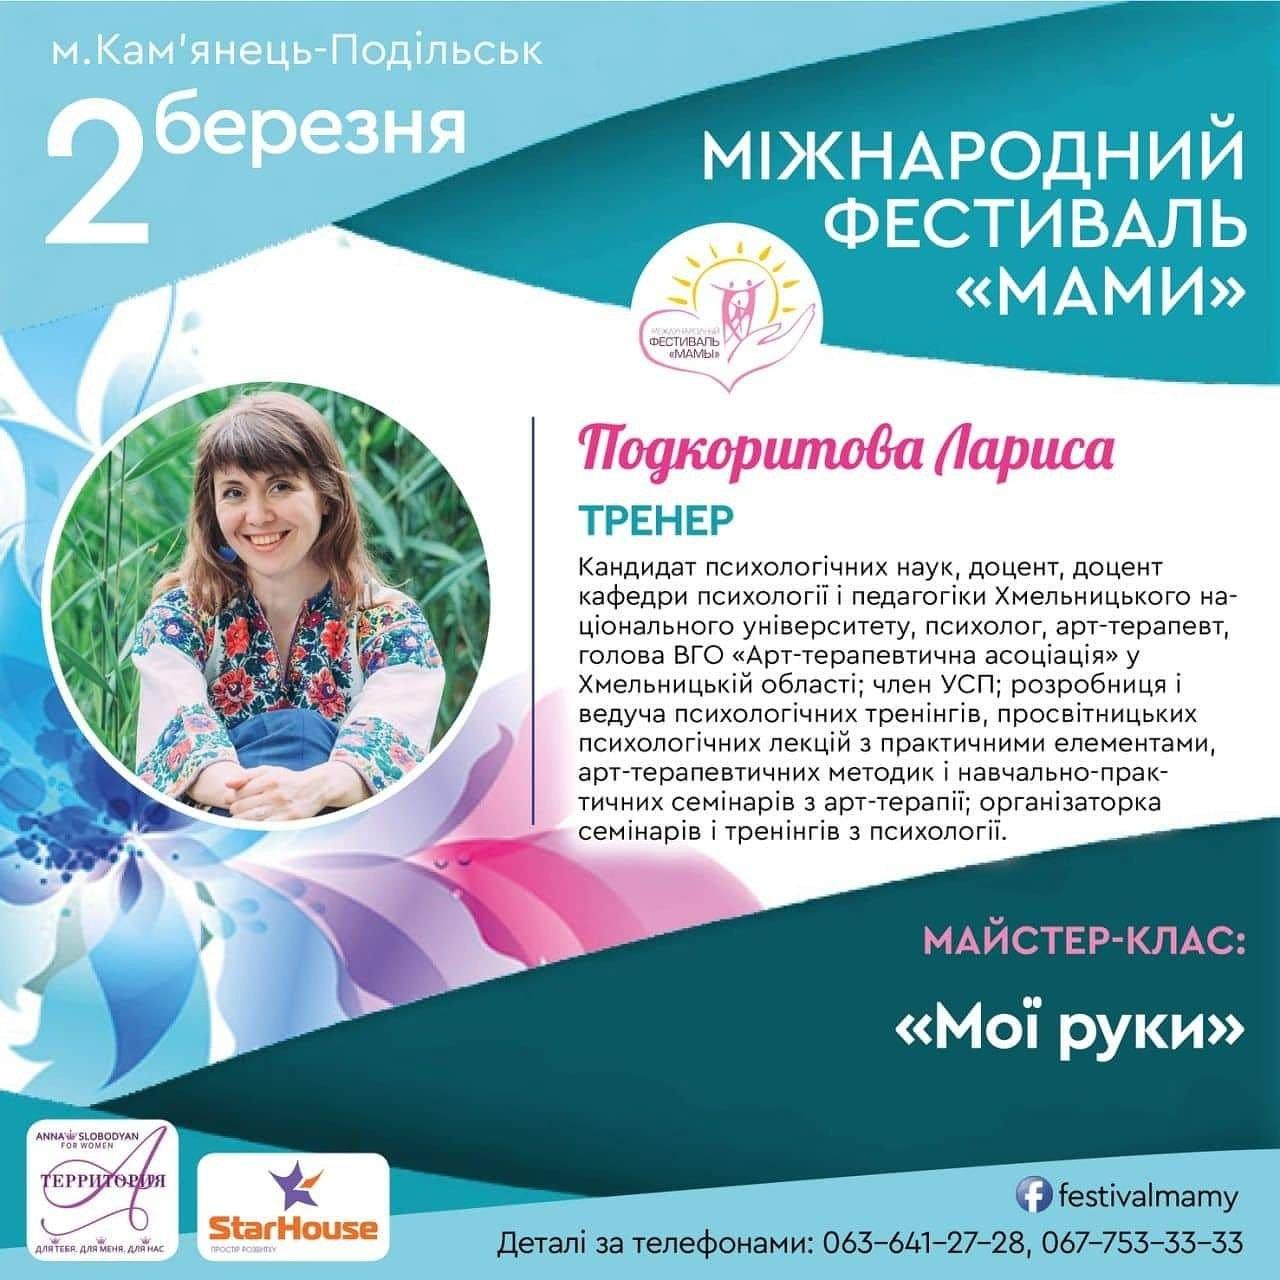 """Міжнародний фестиваль """"Мами"""" у Кам'янці-Подільському анонсує спікерів, фото-1"""